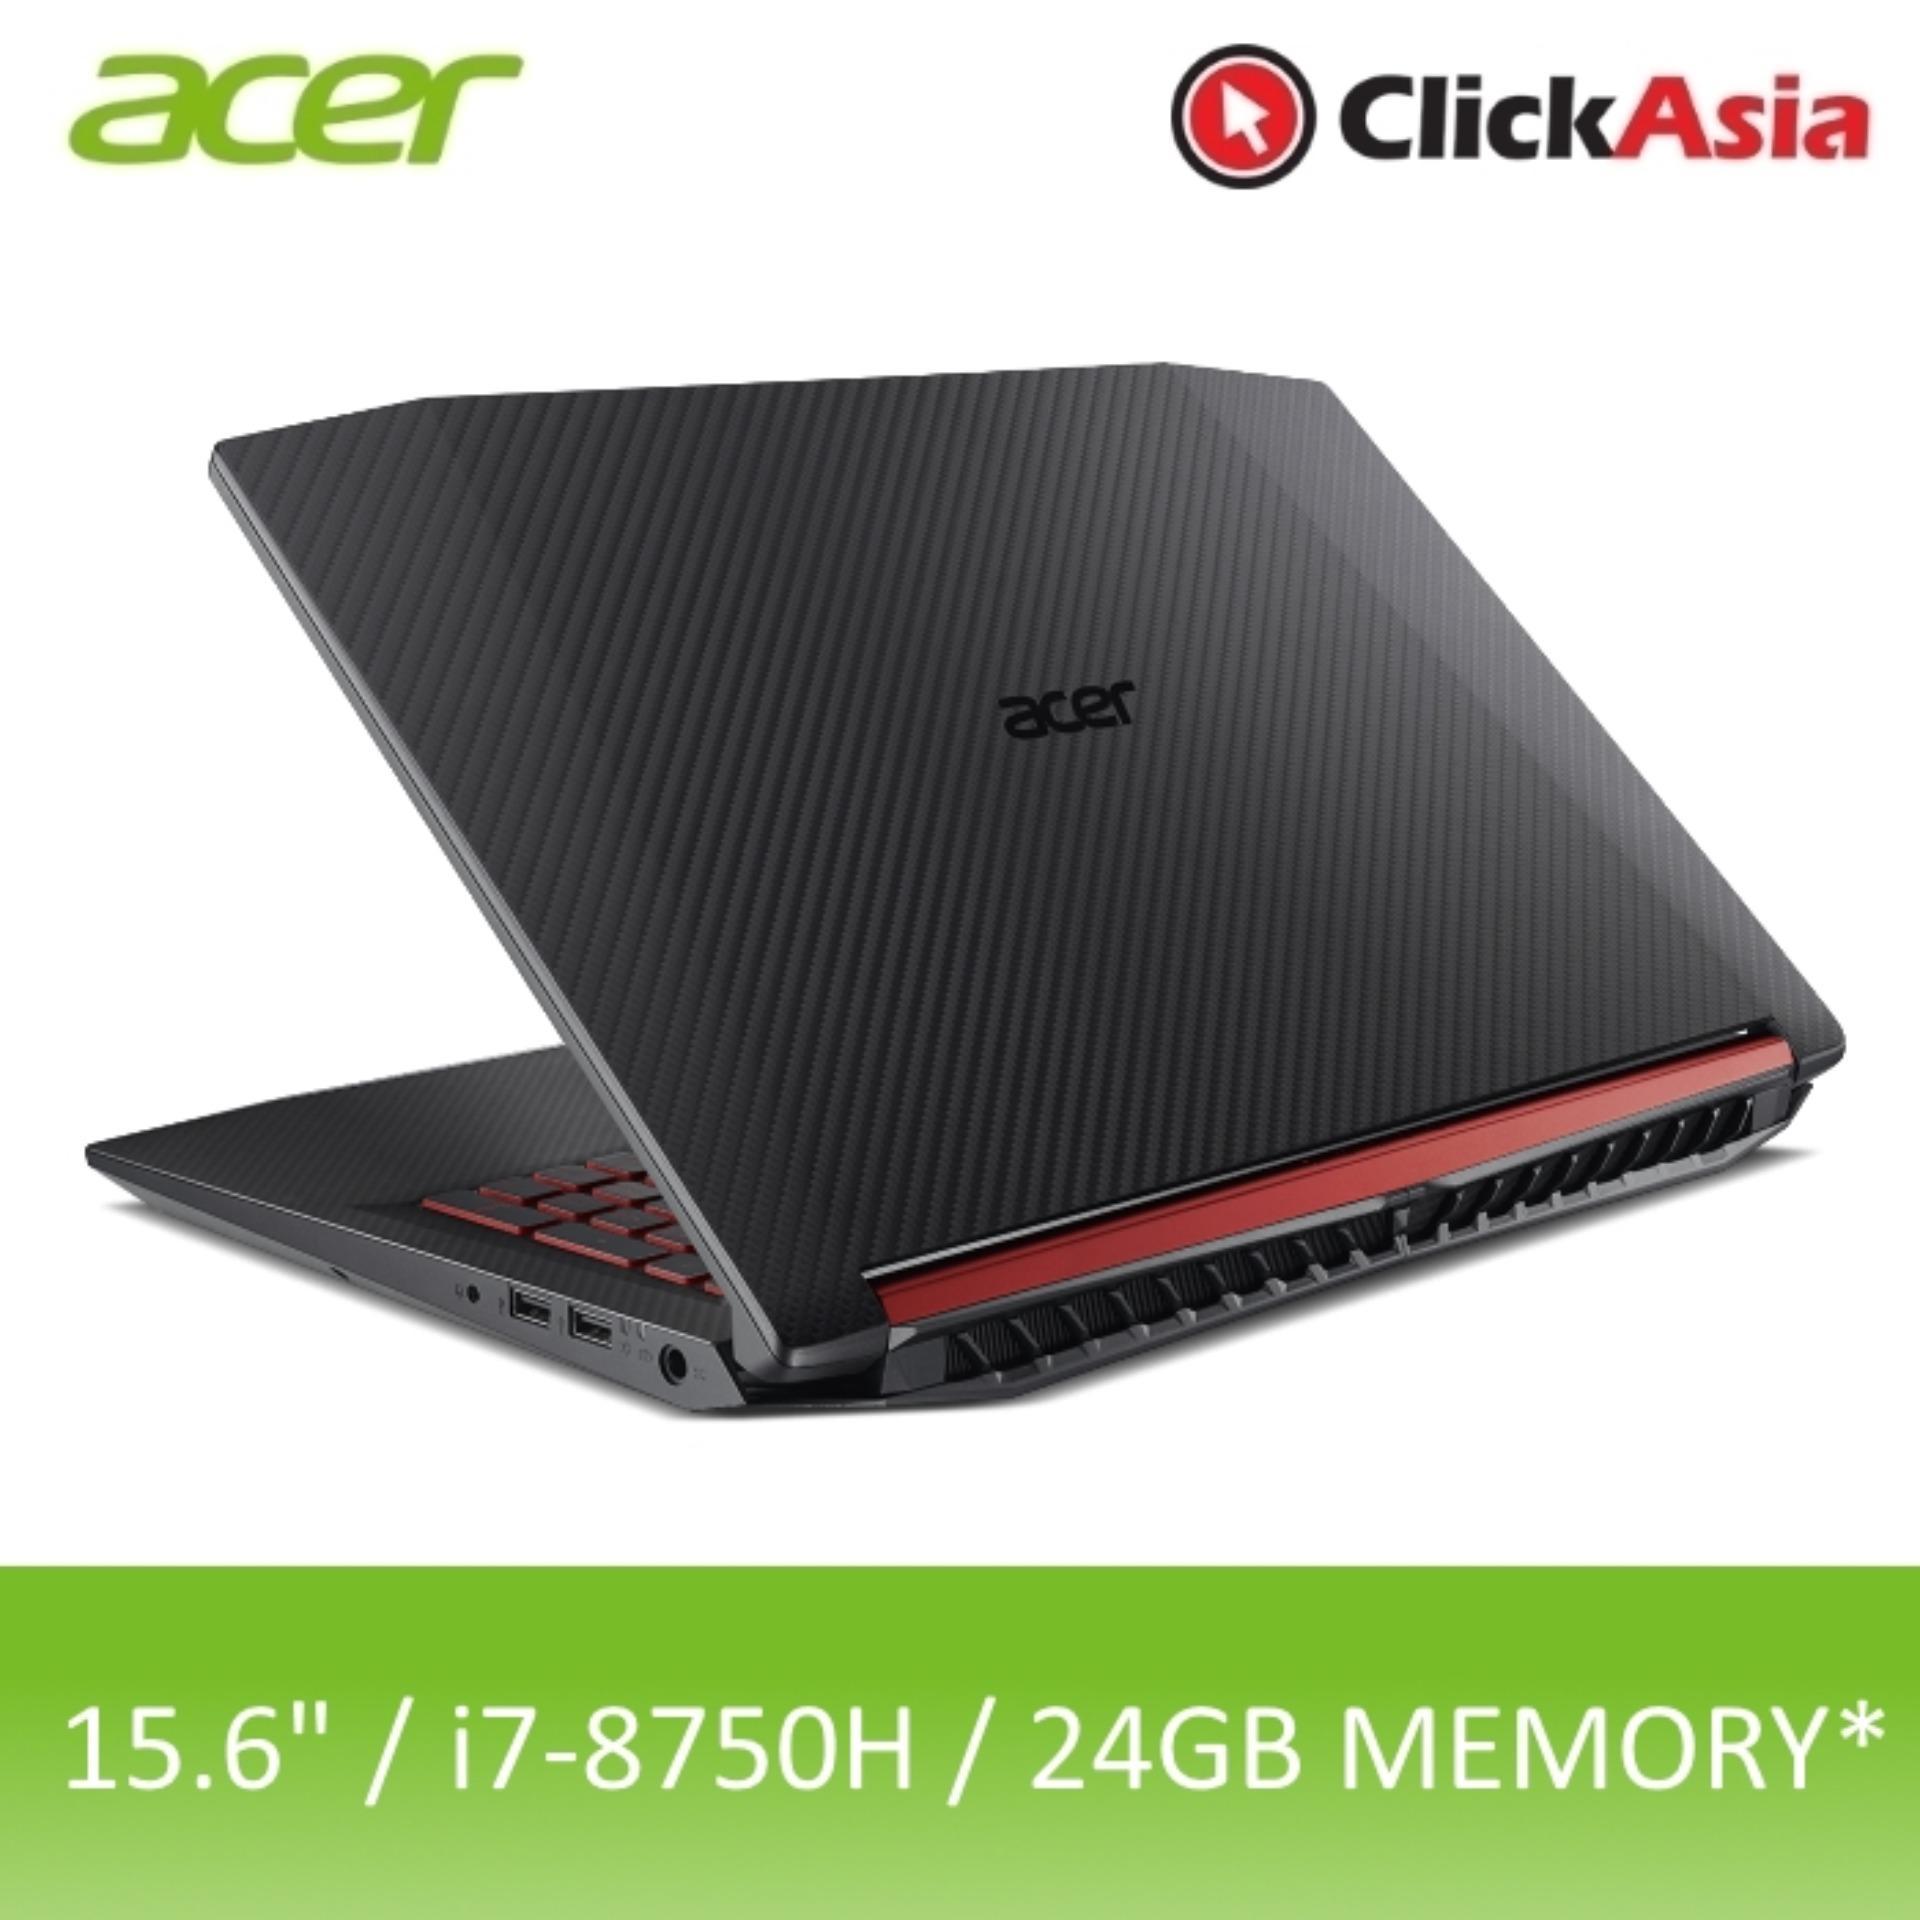 Acer Nitro 5 (AN515-52-70AP) - 15.6 FHD/i7-8750H/8GB DDR4/16GB Optane + 1TB HDD/Nvidia GTX1050/W10 (Black)